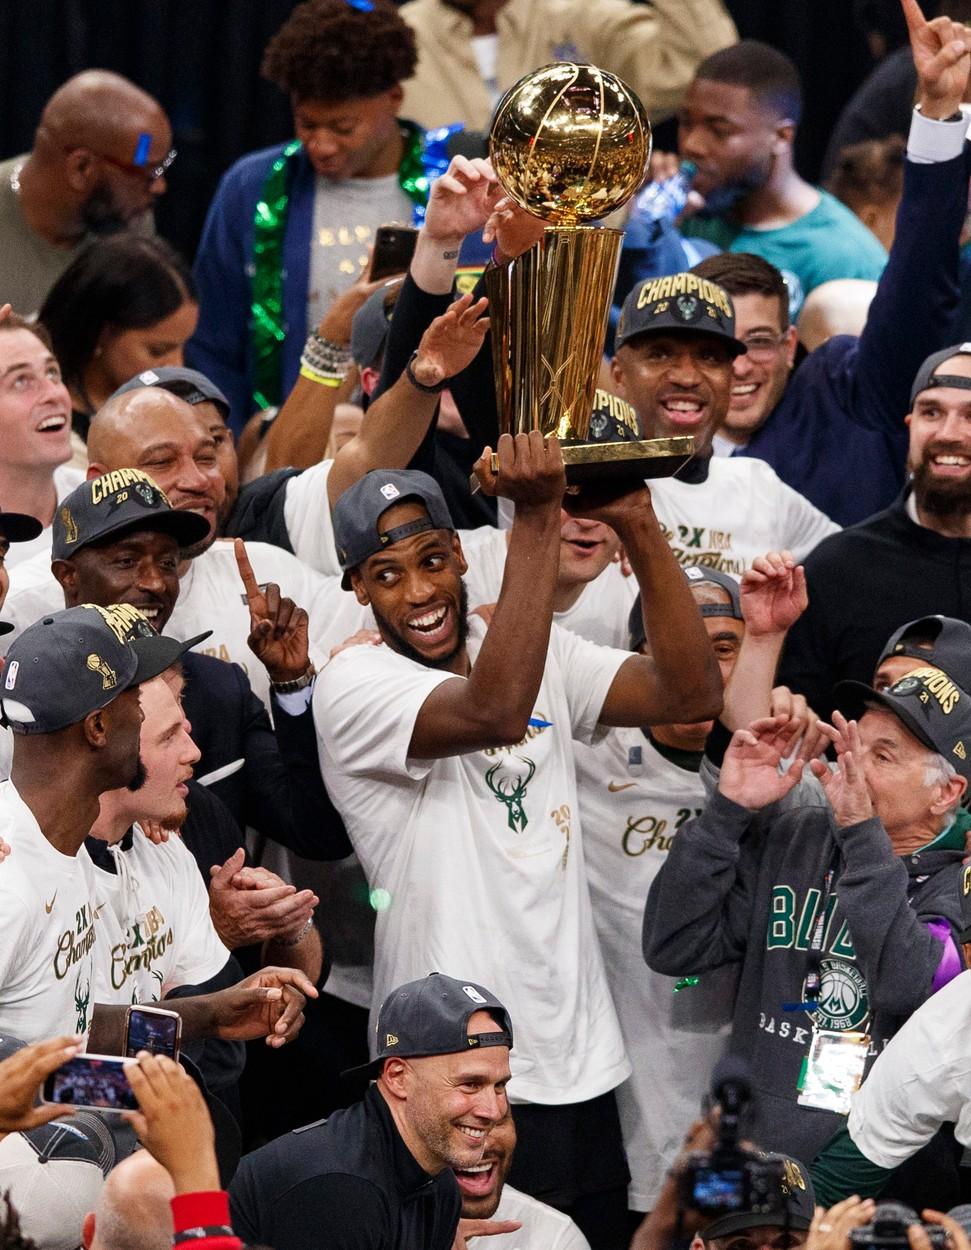 Bucuria celor de la Bucks după ce au luat titlul în NBA